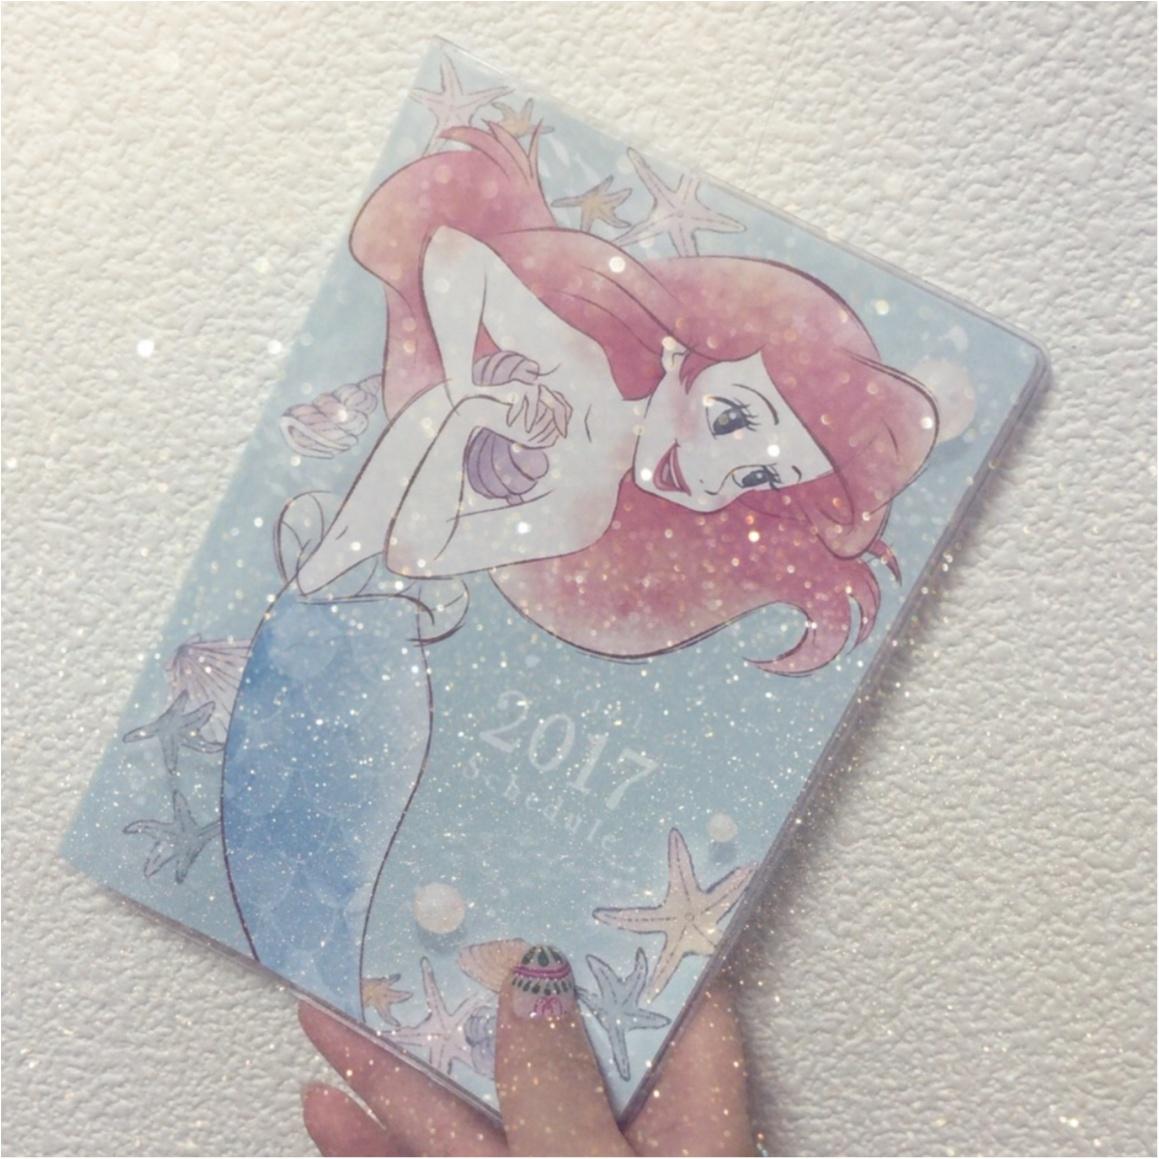 来年のスケジュール帳はあのプリンセス♡hiiko_2